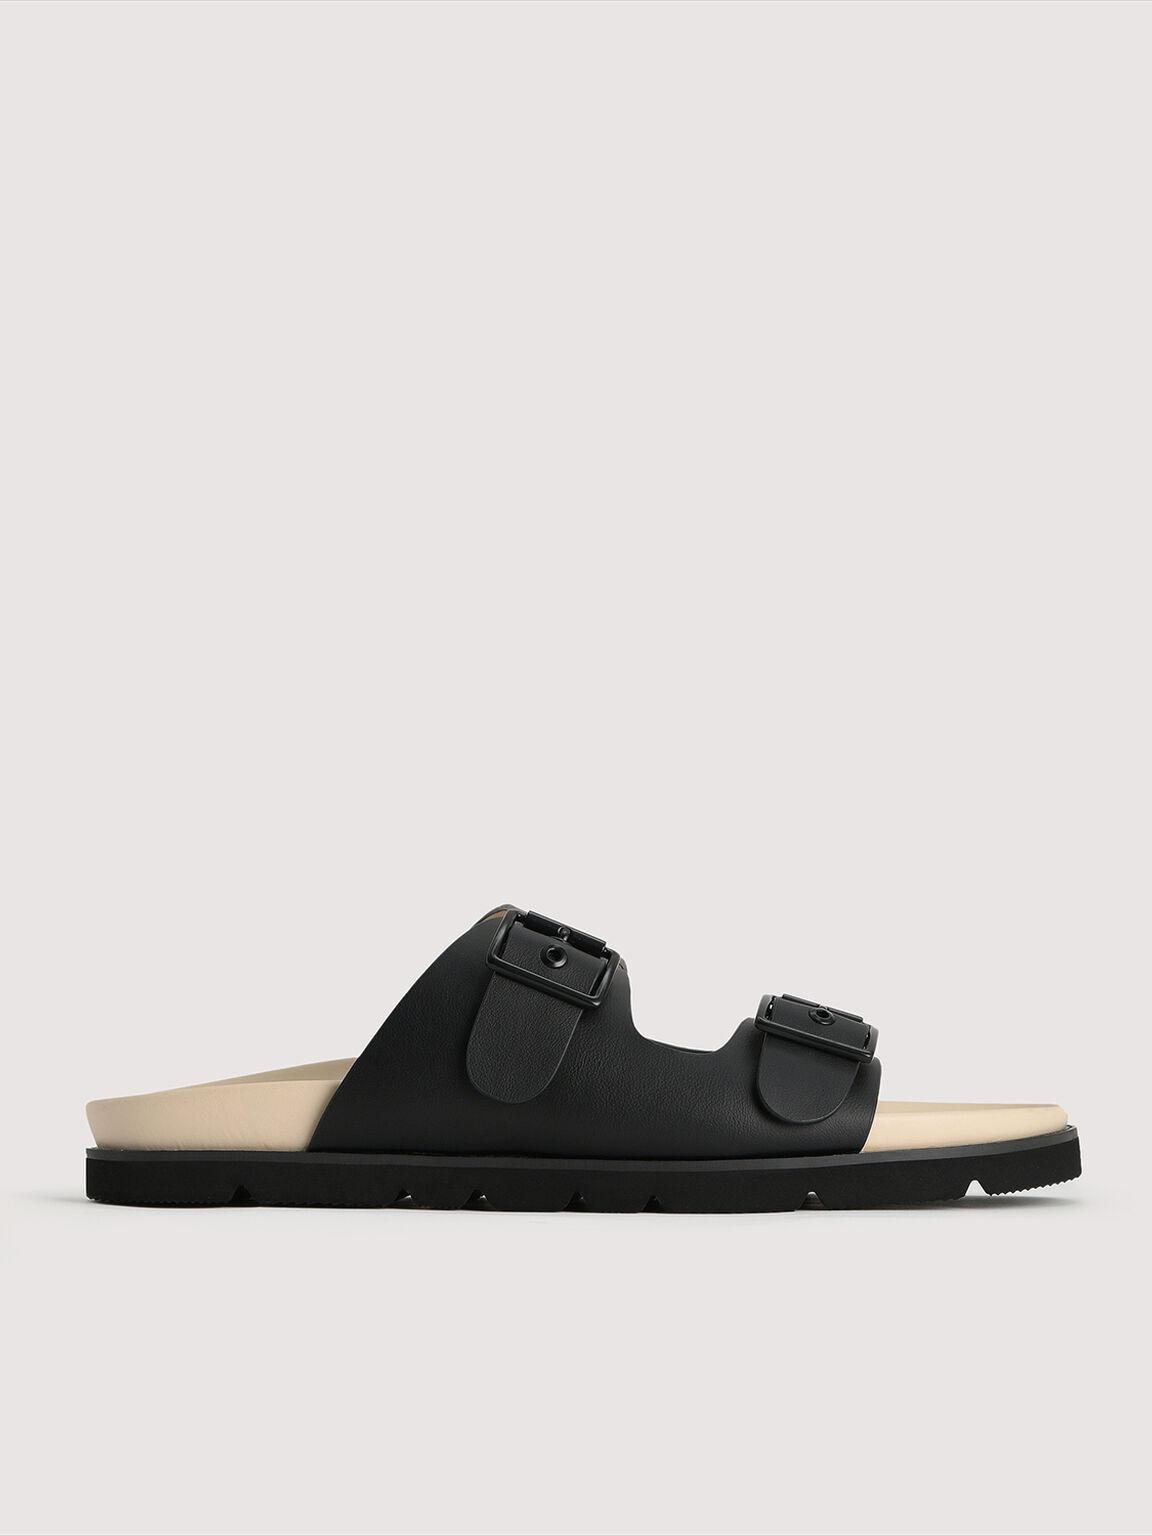 Buckled Sandals, Black, hi-res